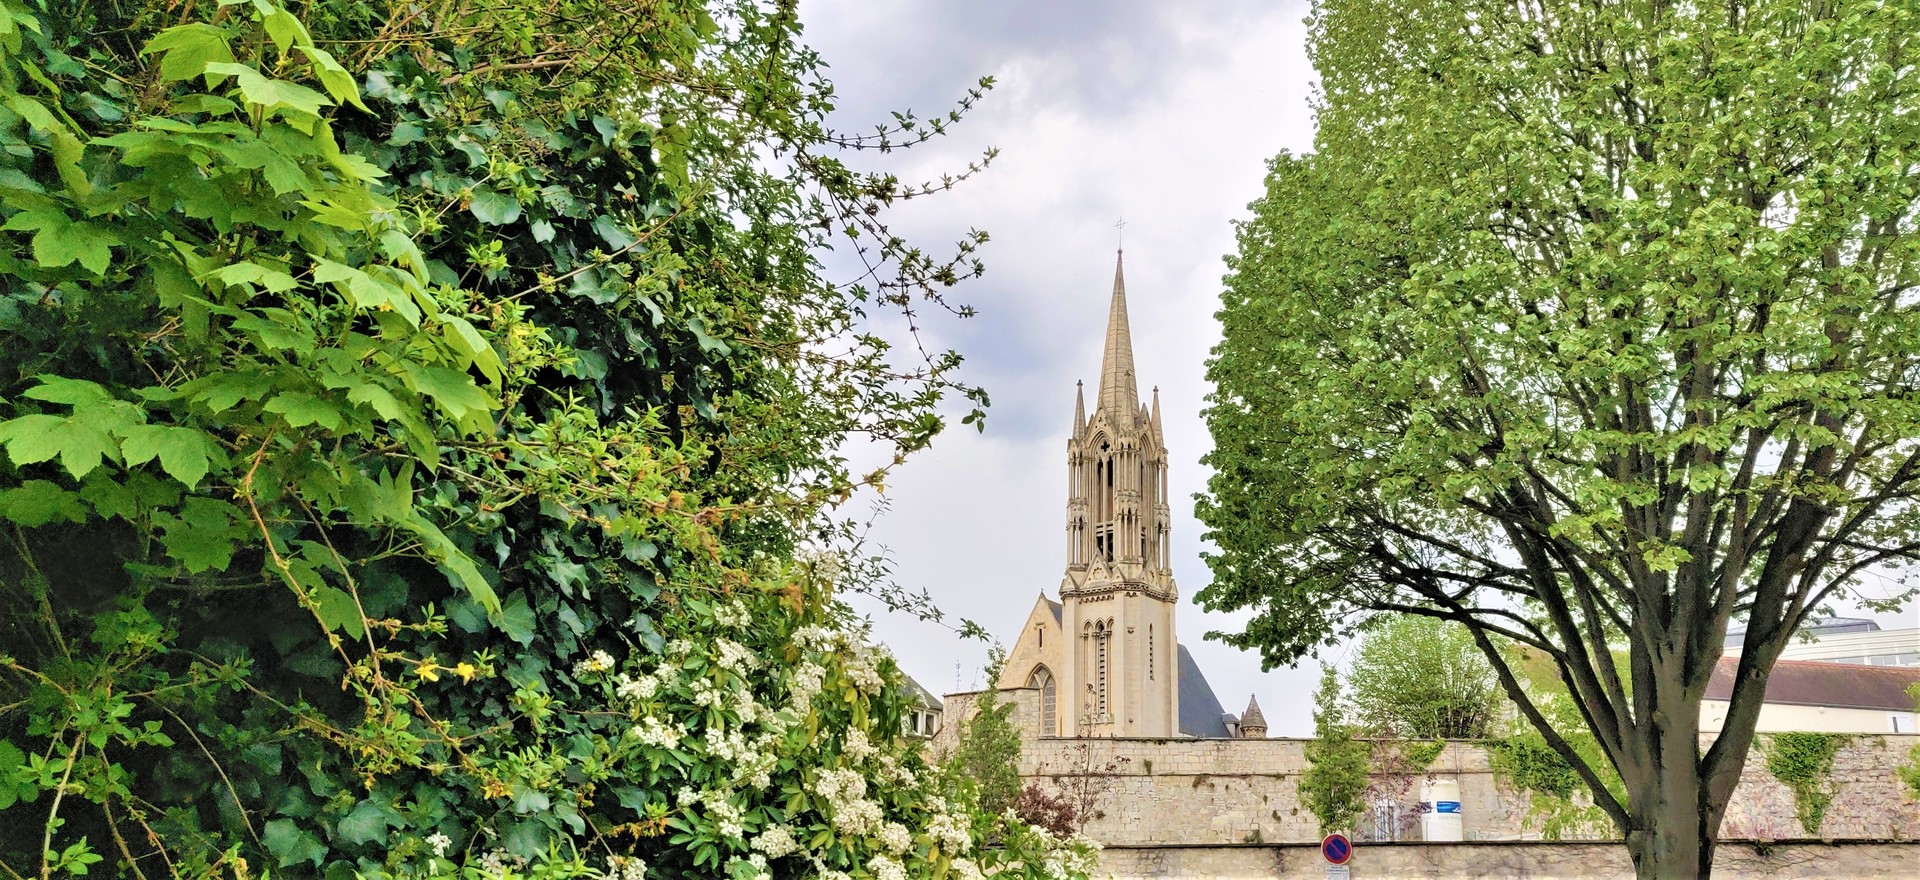 la-ville-aux-cent-clochers-6261578be0f61